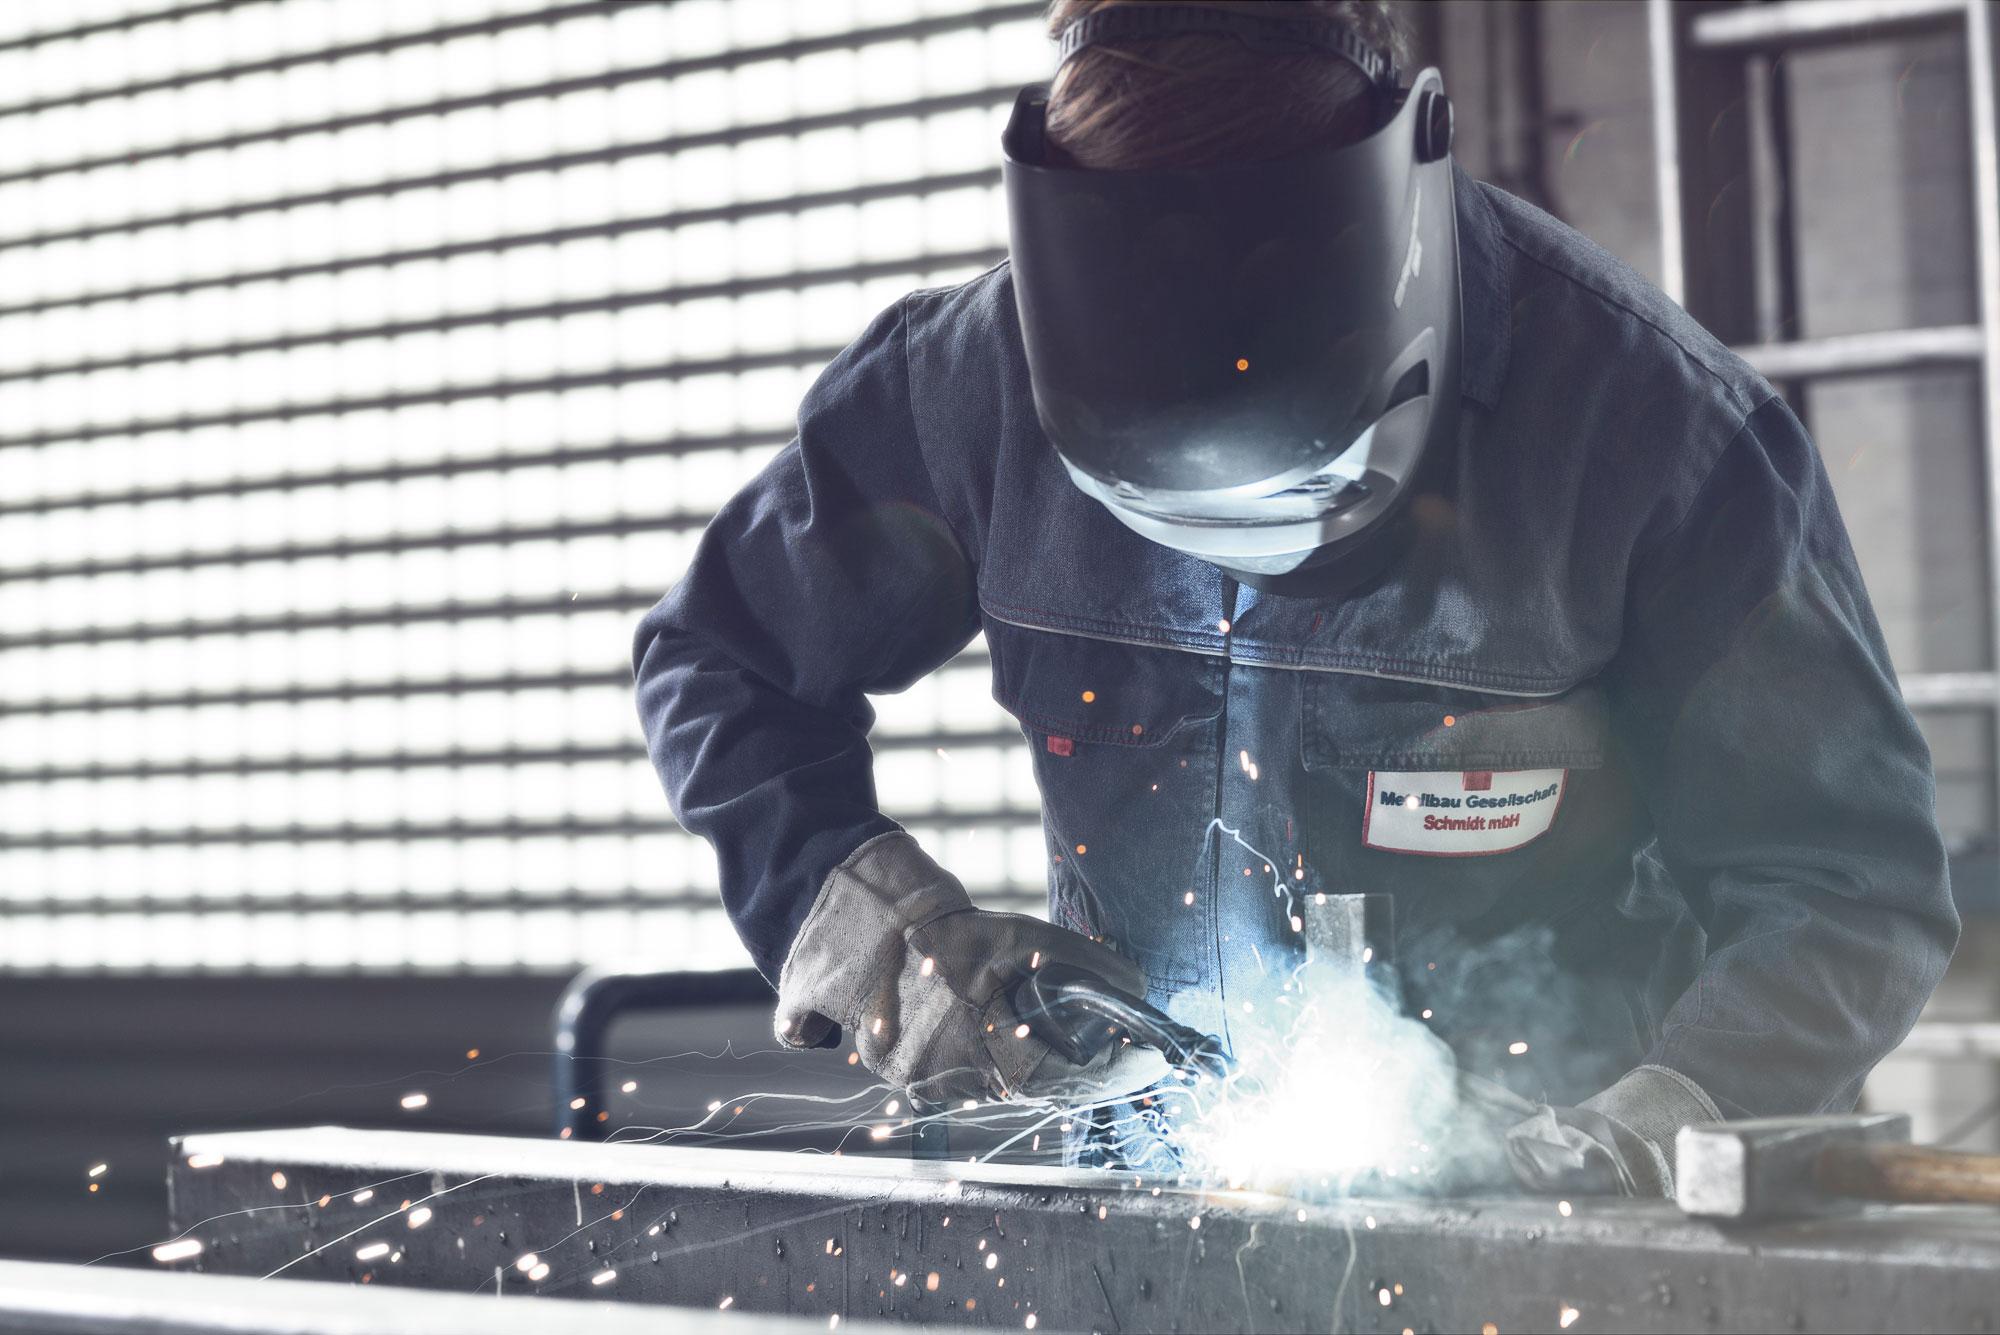 Schmidt Metallbau schmidt metallbau rhein schlosserei meisterbetrieb in münster